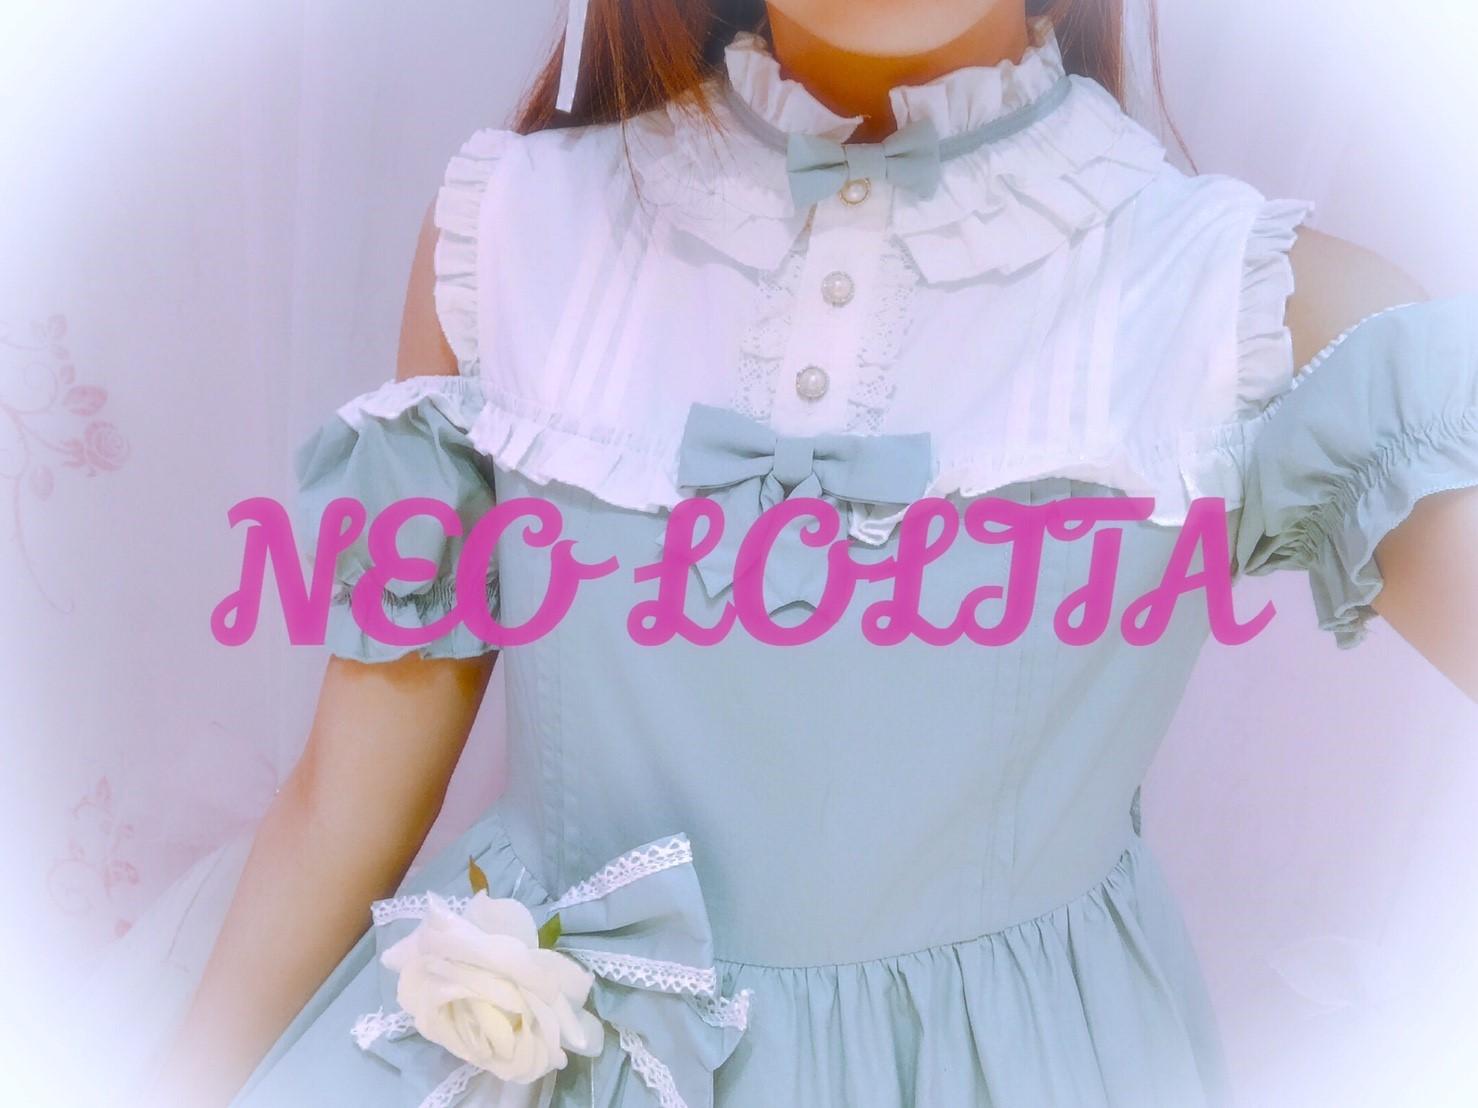 ロリィタをもっとお手軽に♡「ネオロリータ」ブランドまとめ